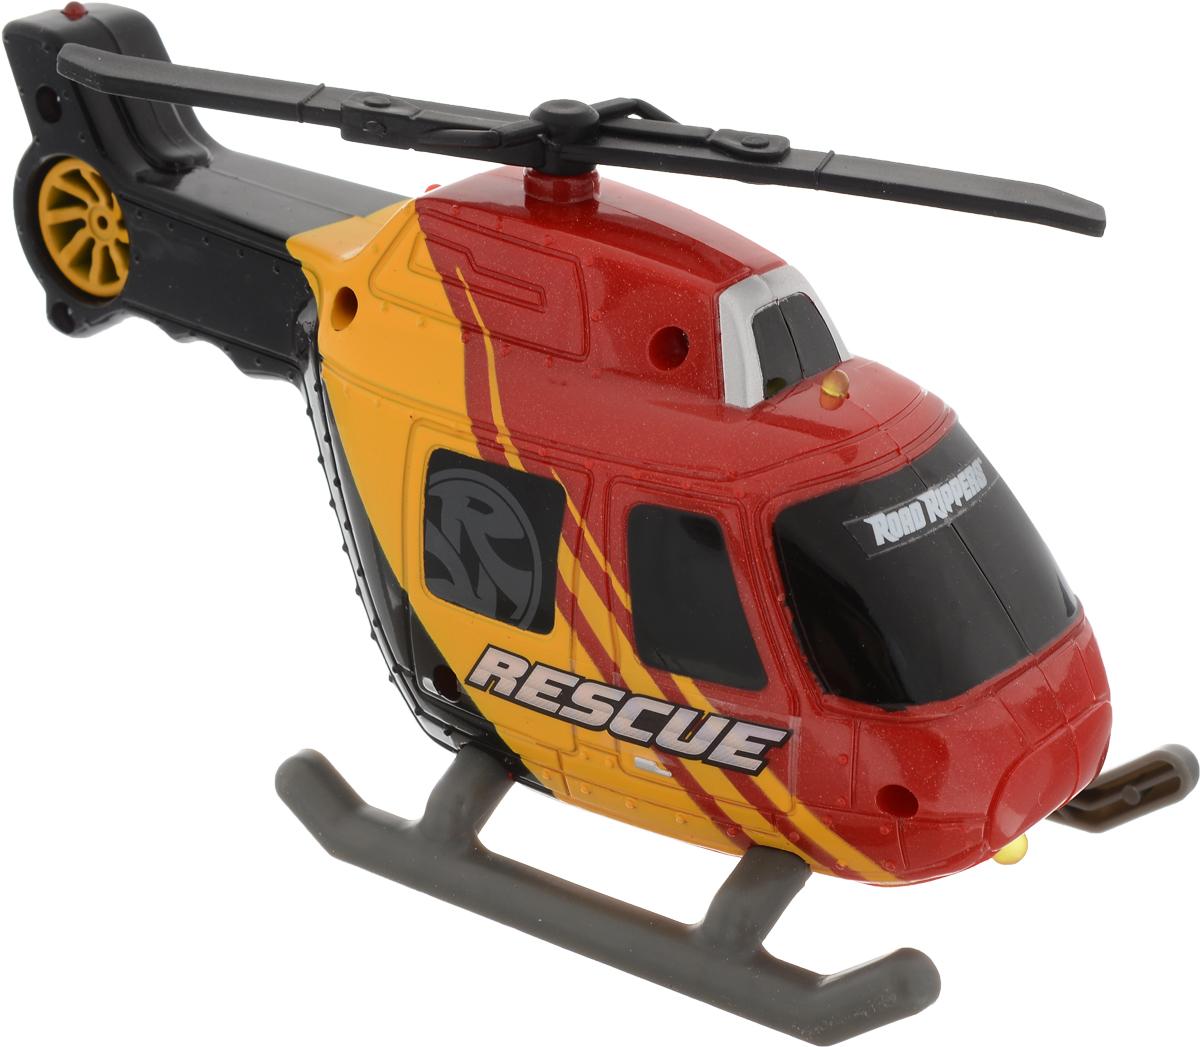 Toystate Вертолет Спецслужба цвет красный желтый черный toystate машина спецслужба